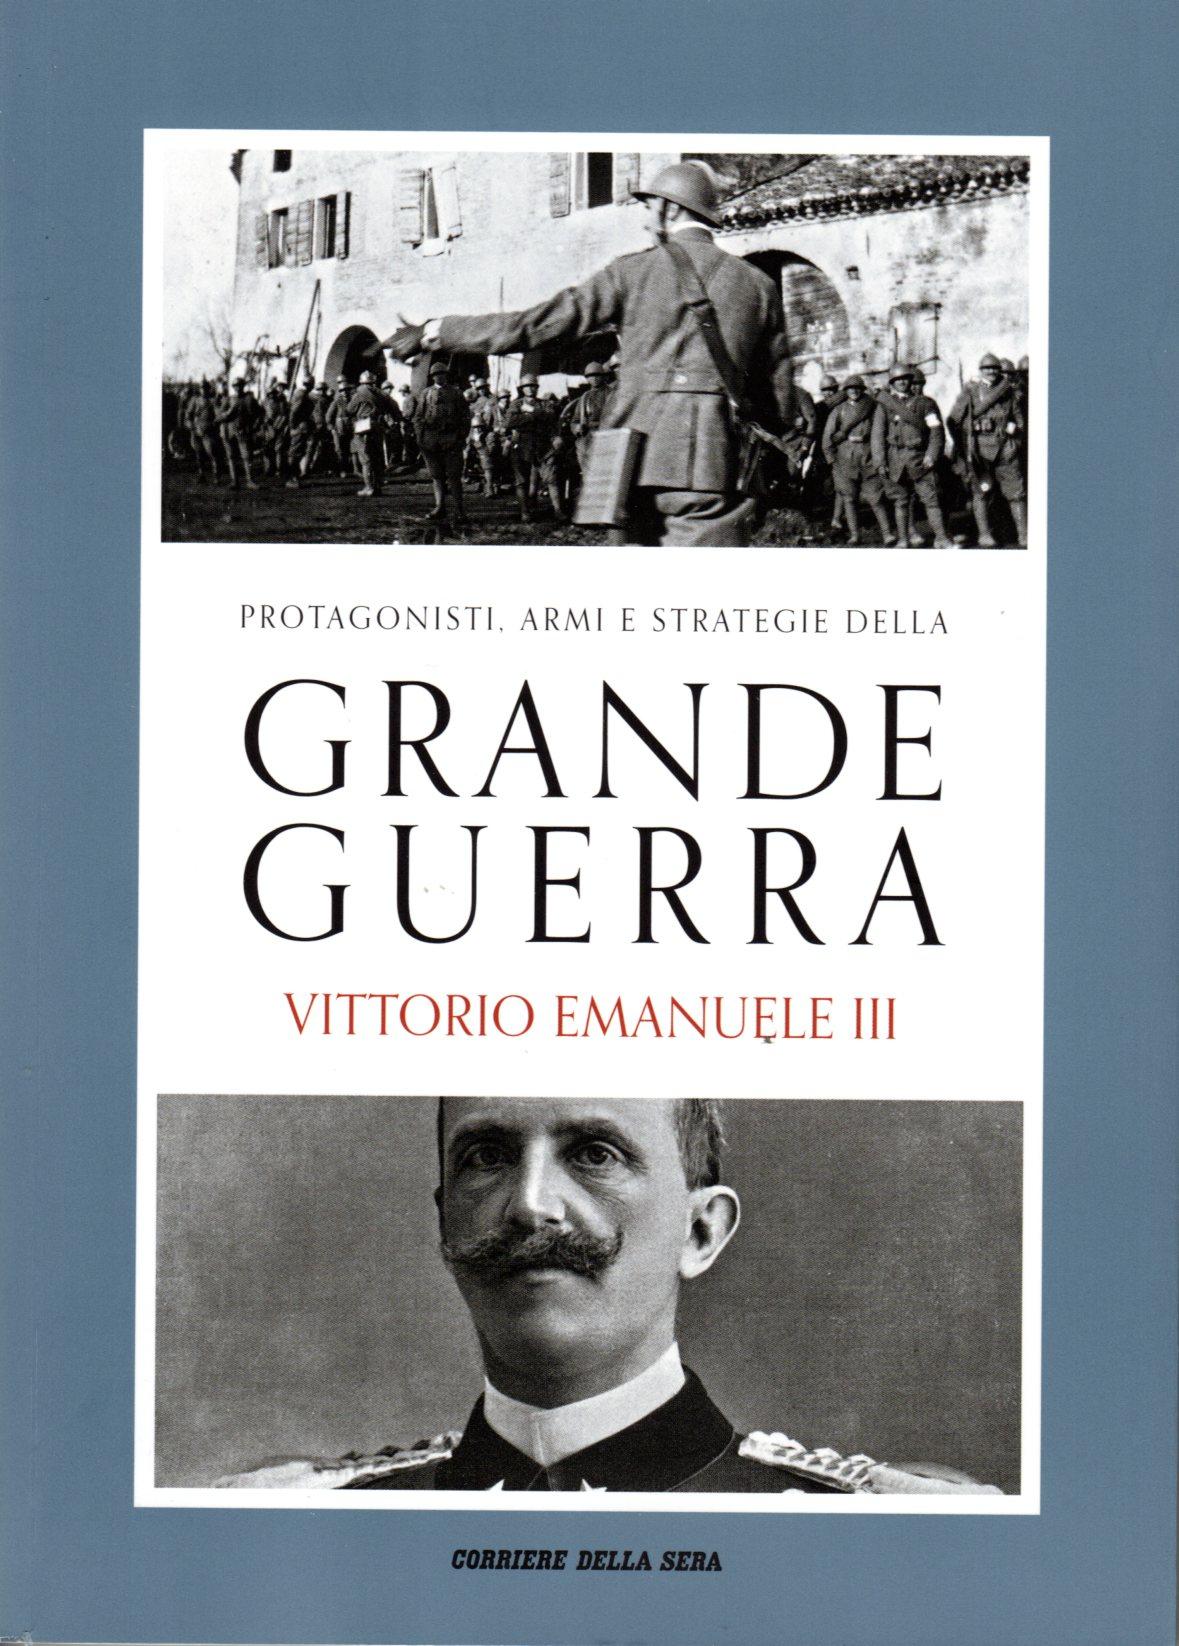 Protagonisti, armi e strategie della grande guerra Vol. 1